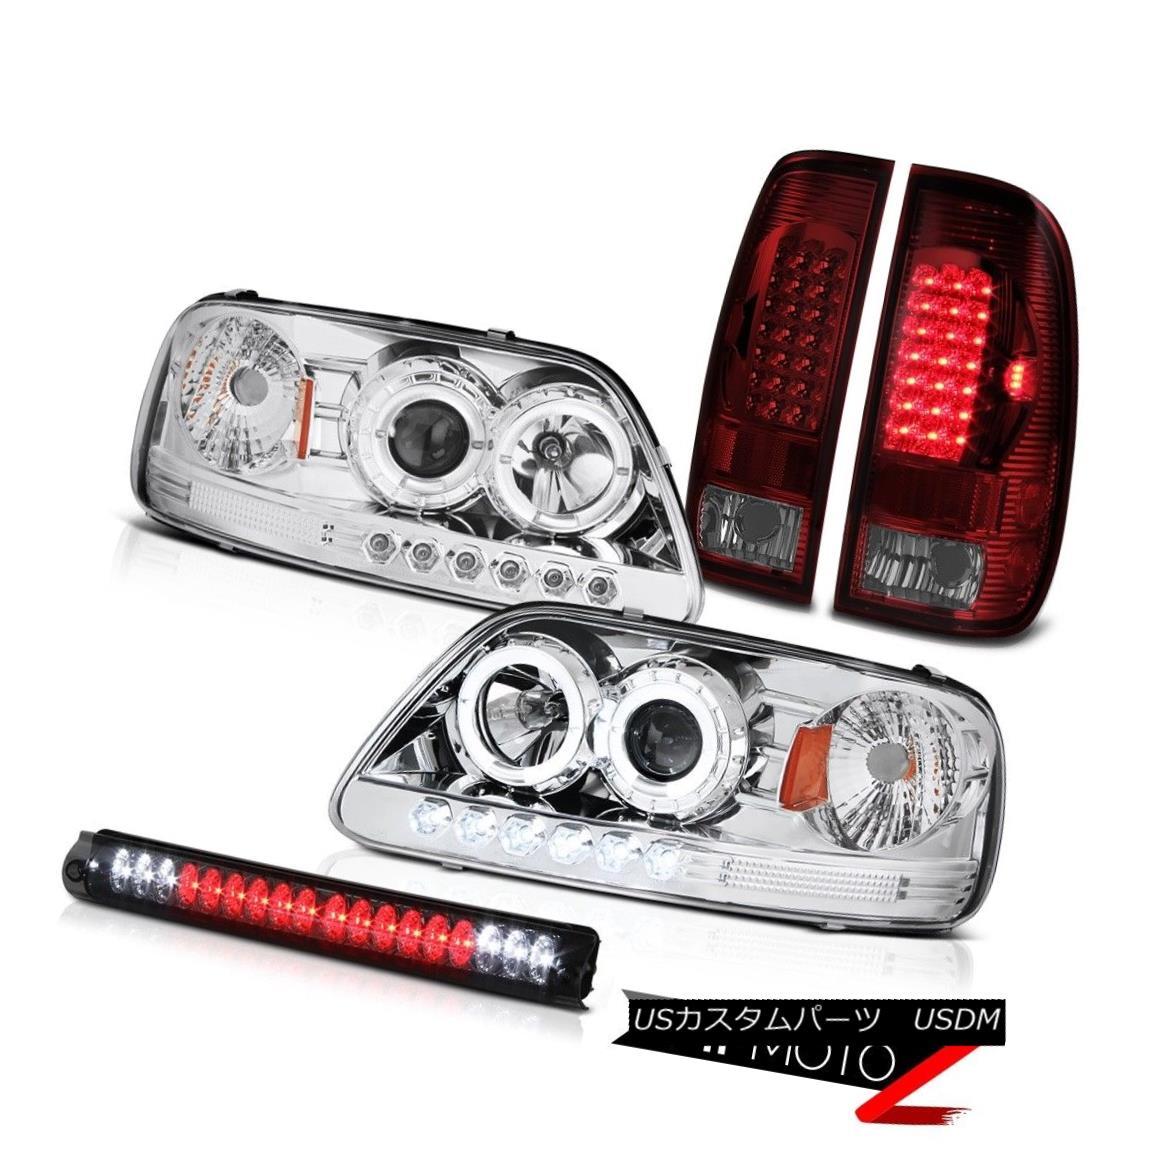 ヘッドライト LED DRL Halo Headlight 2001 02 2003 Ford F150 Red LED Tail Light Brake Lamp Tint LED DRL Haloヘッドライト2001 02 2003 Ford F150レッドLEDテールライトブレーキランプティント